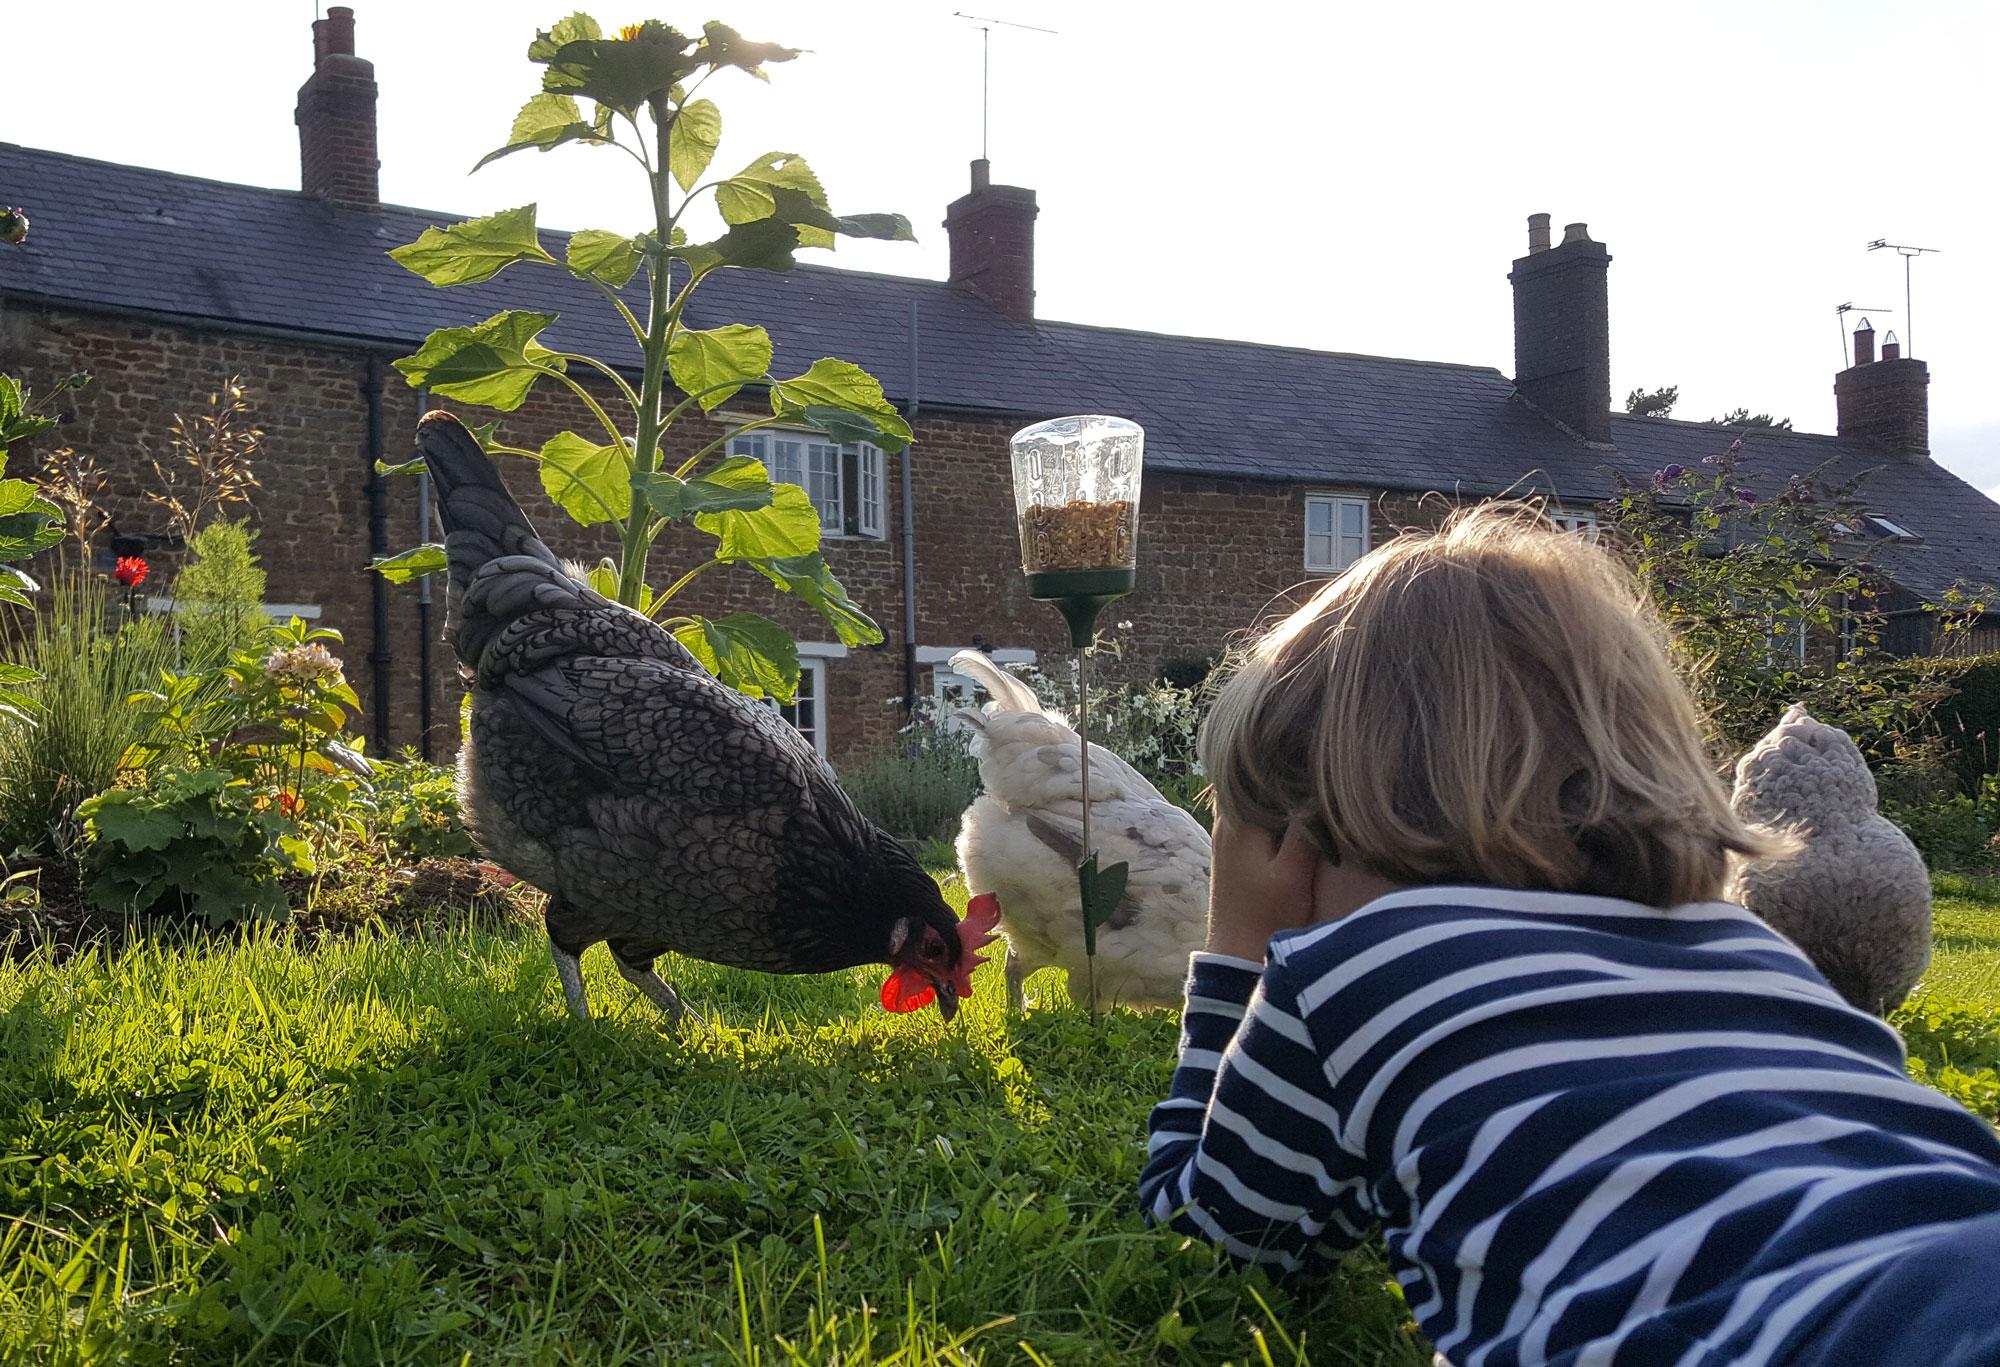 Mit dem Pickspielzeug halten die Leckereien Ihrer Hühner länger